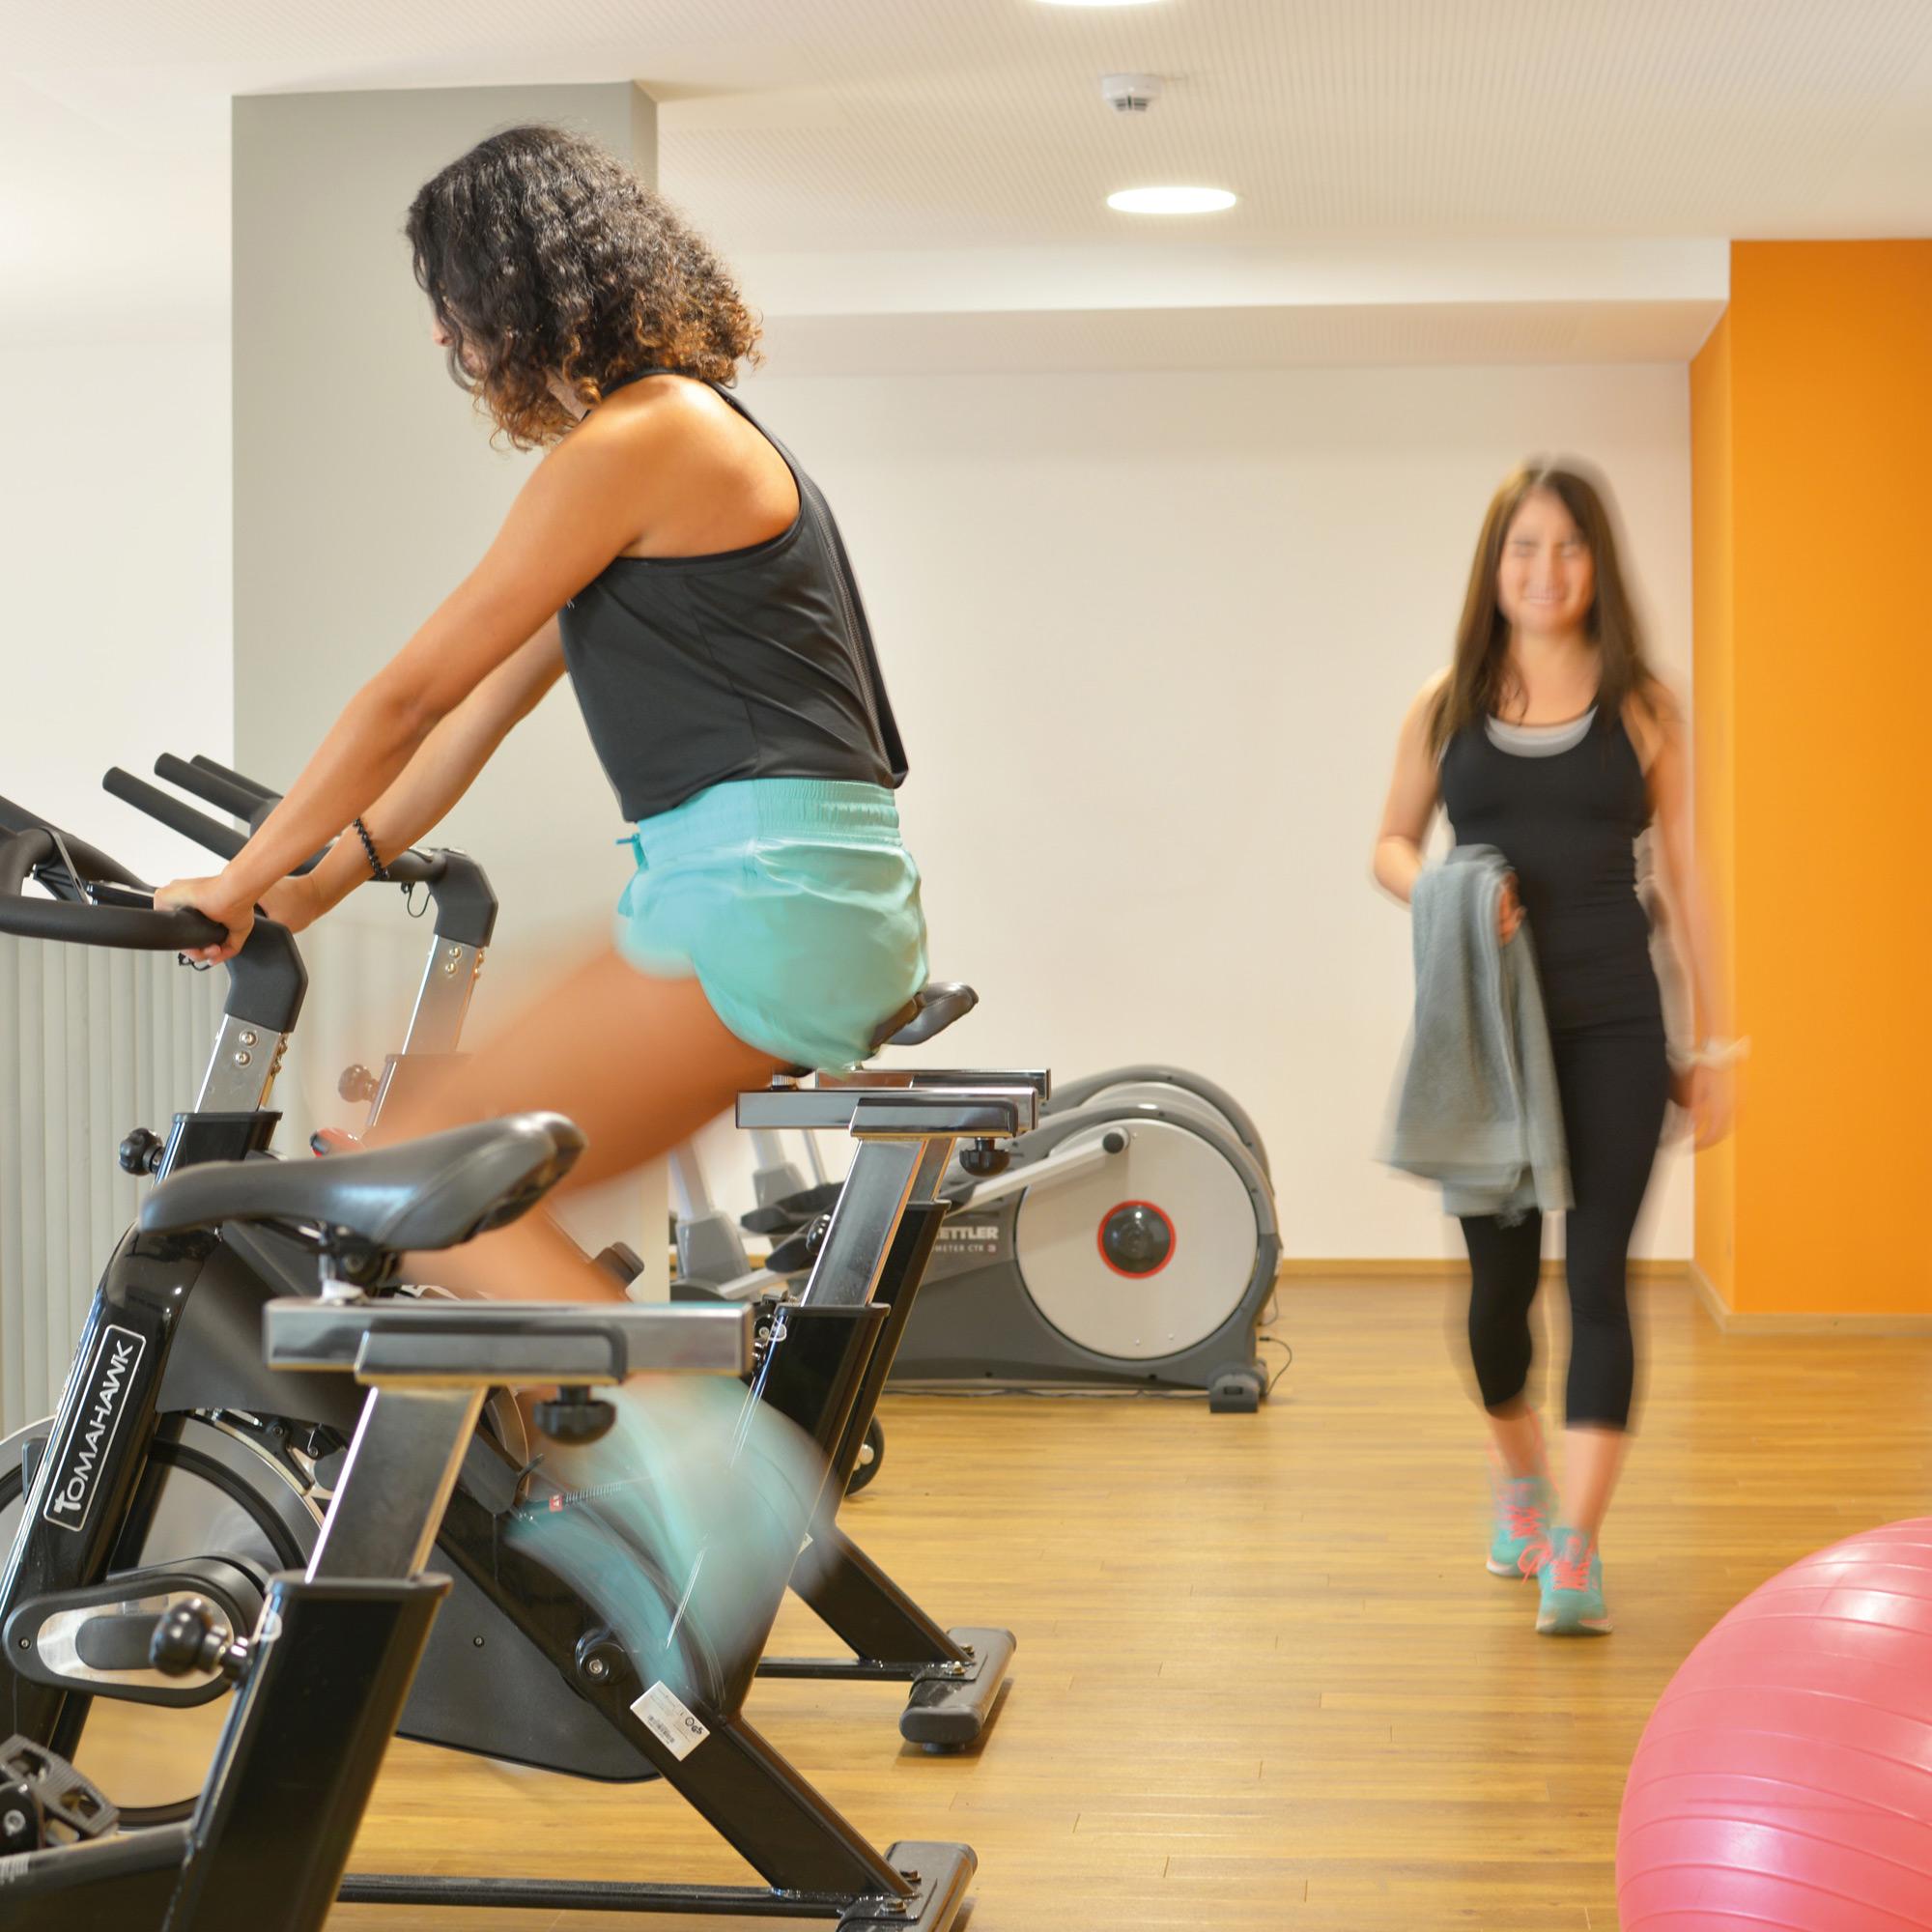 Gemeinschaftsraum mit Fitnessdeck in der Studentenwohnanlage studiosus 4